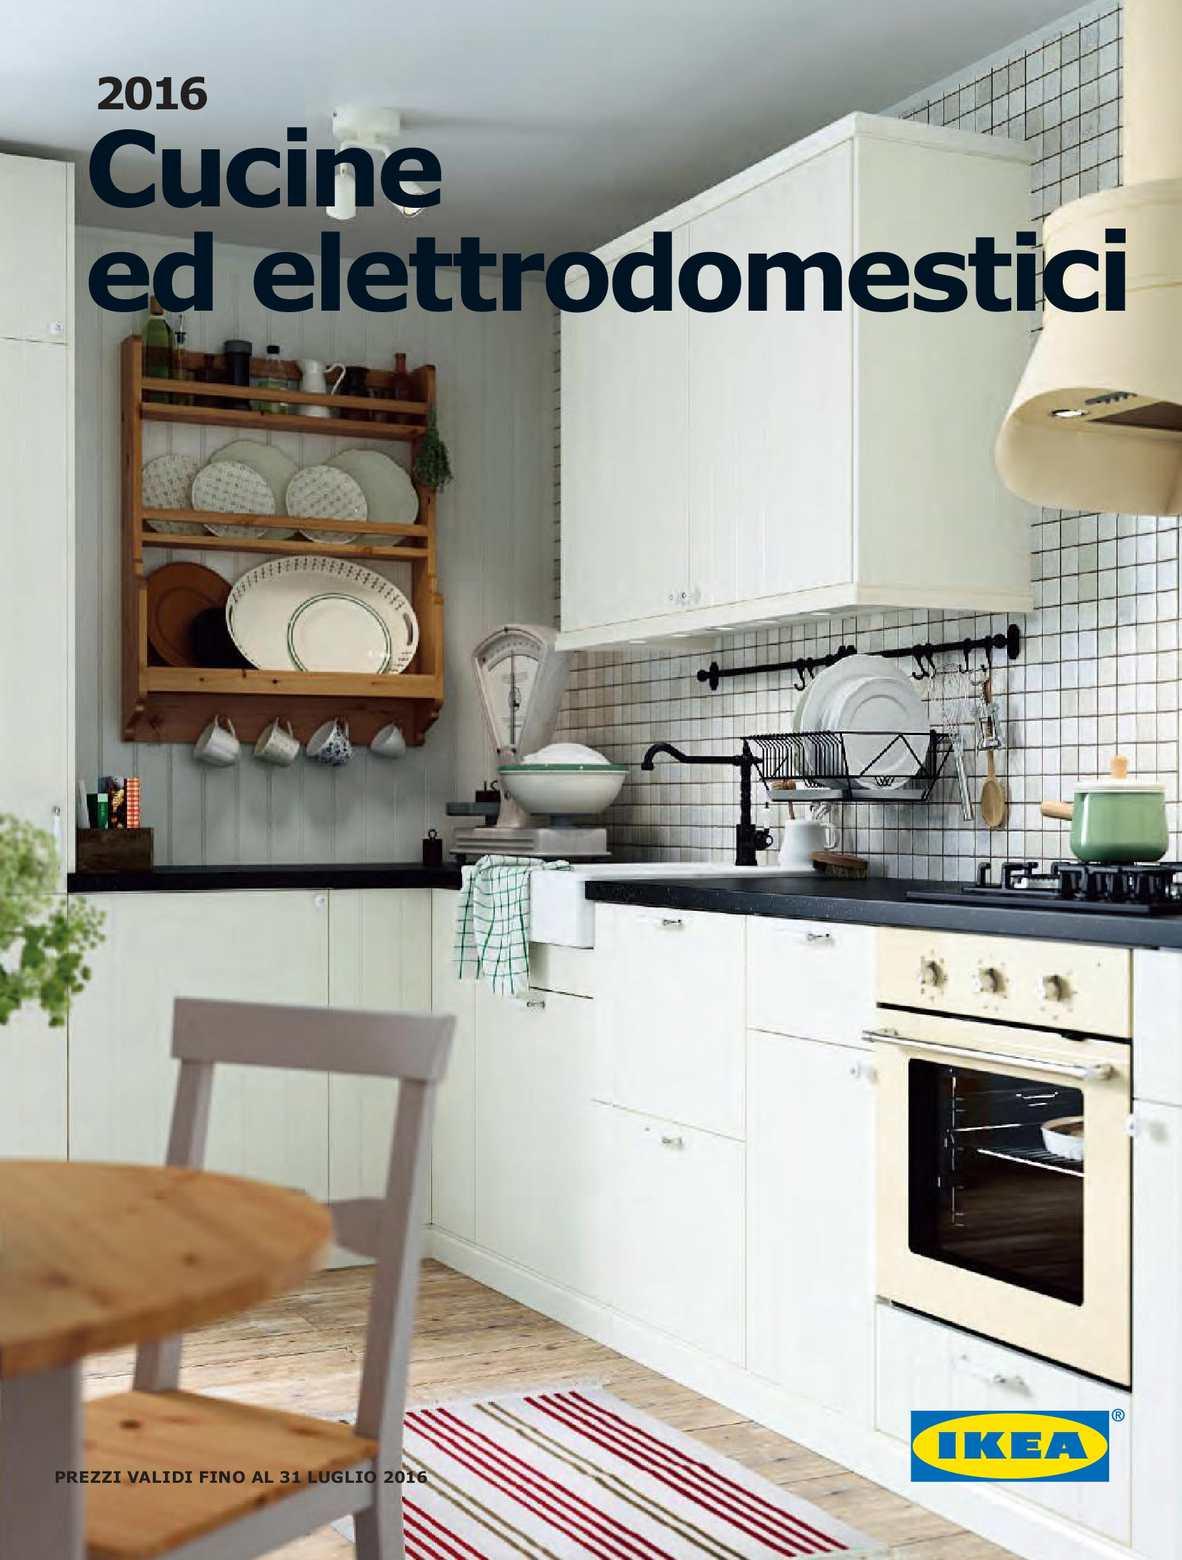 Calam o catalogo ikea cucine ed elettrodomestici fino a for Recensioni elettrodomestici ikea